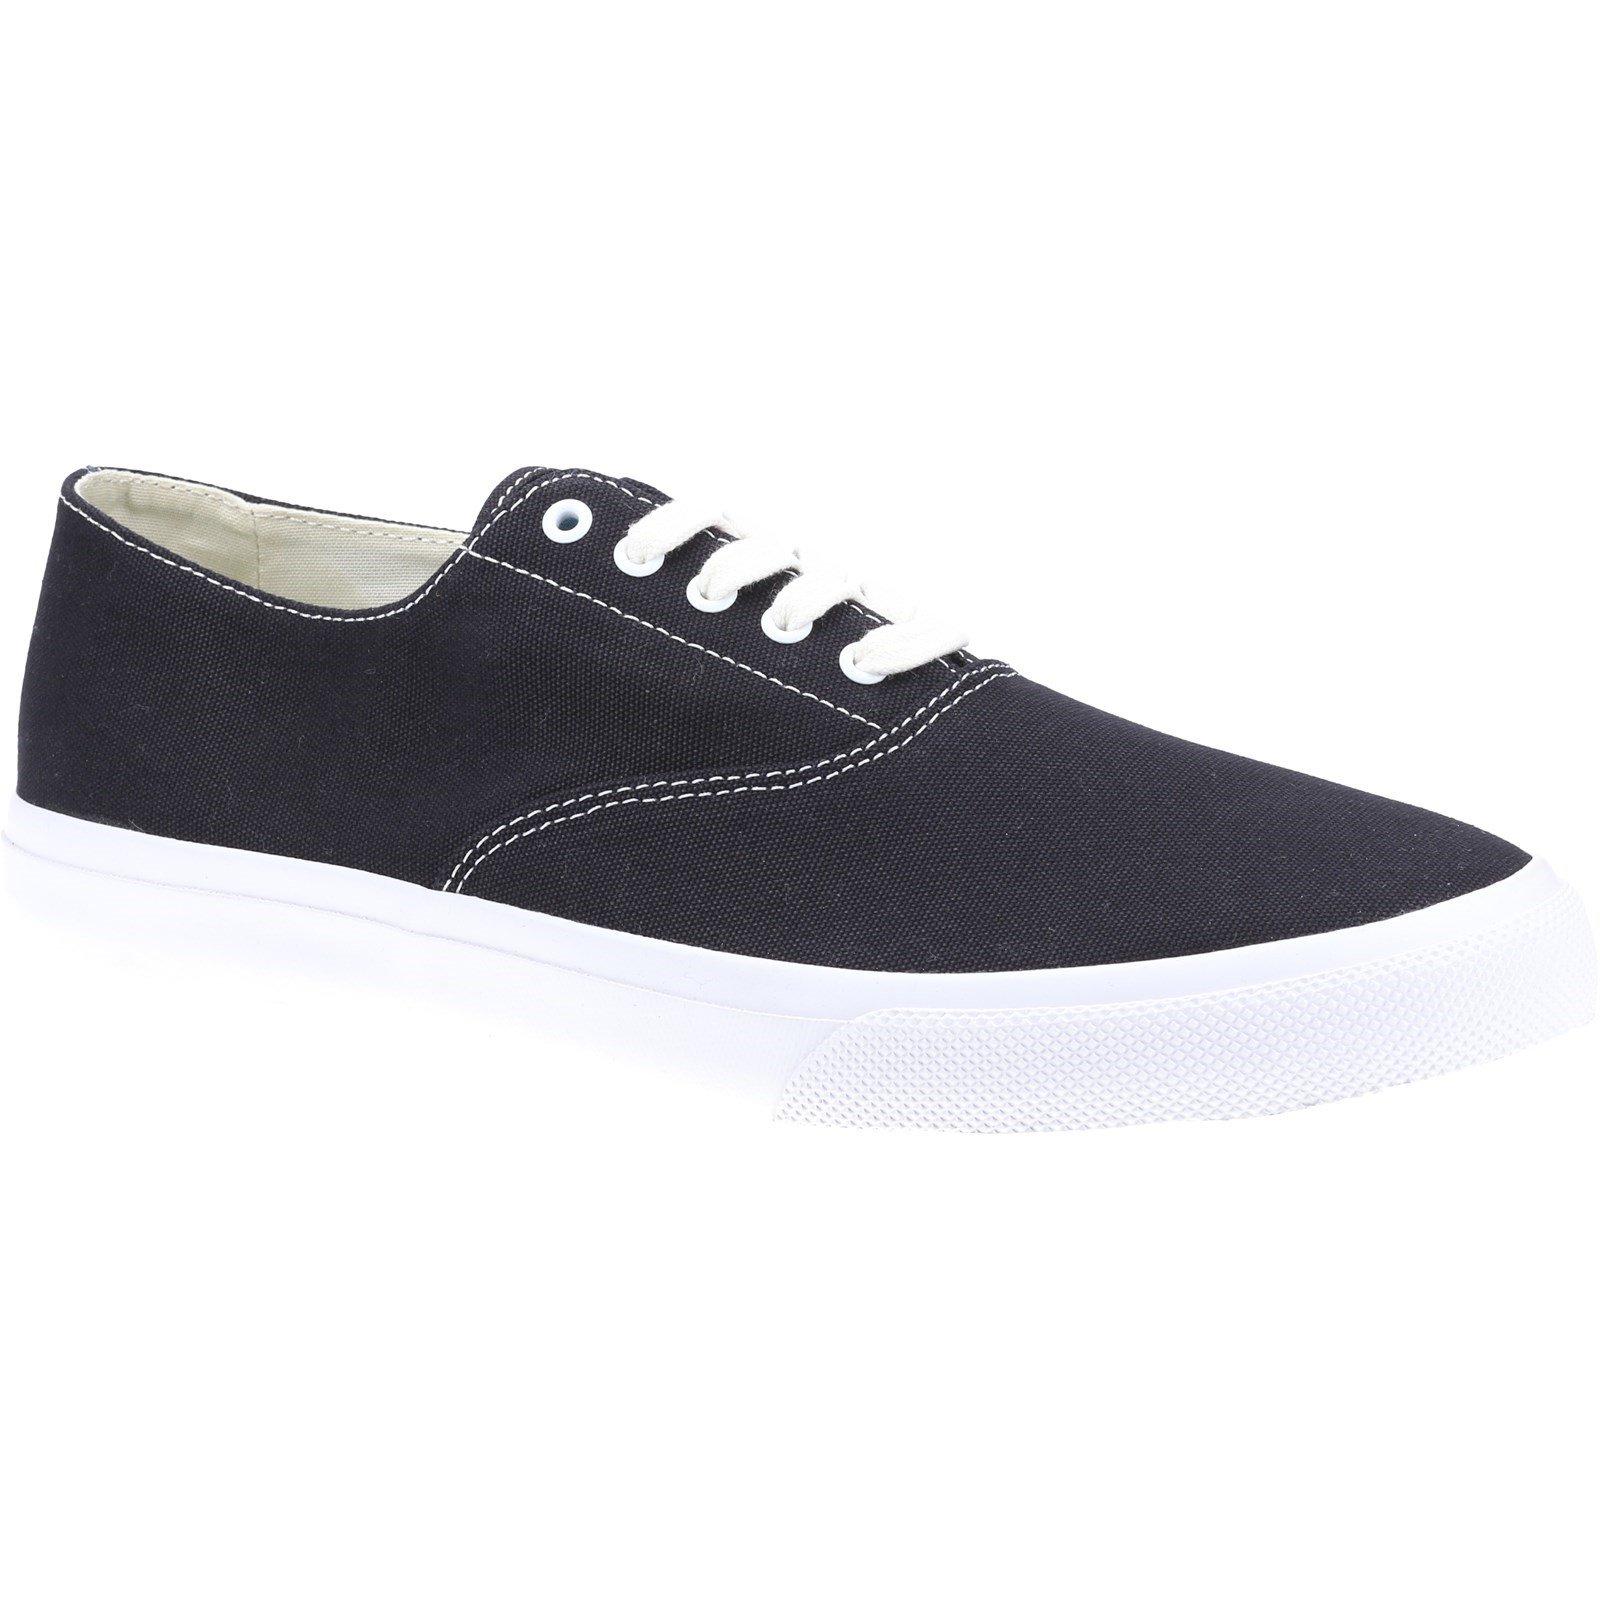 Sperry Men's Cloud CVO Boat Shoe Various Colours 33537 - Black 6